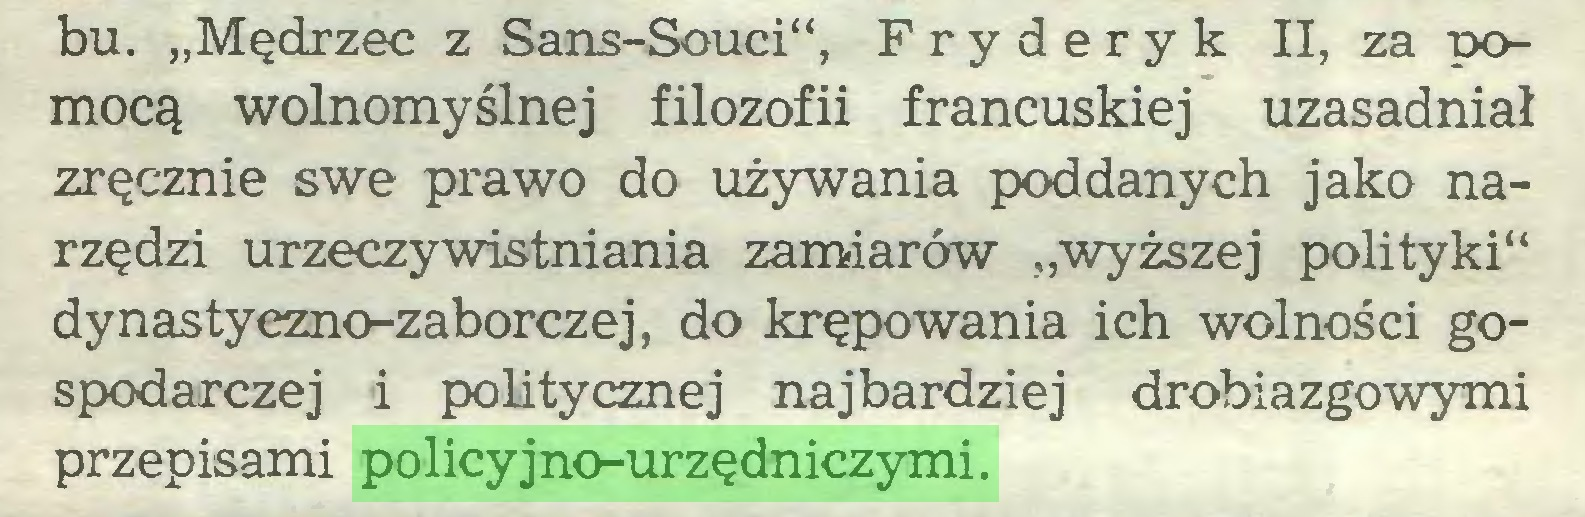 """(...) bu. """"Mędrzec z Sans-Souci"""", Fryderyk II, za pomocą wolnomyślnej filozofii francuskiej uzasadniał zręcznie swe prawo do używania poddanych jako narzędzi urzeczywistniania zamiarów """"wyższej polityki** dynastyezno-zaborczej, do krępowania ich wolności gospodarczej i politycznej najbardziej drobiazgowymi przepisami policyjno-urzędniczymi..."""